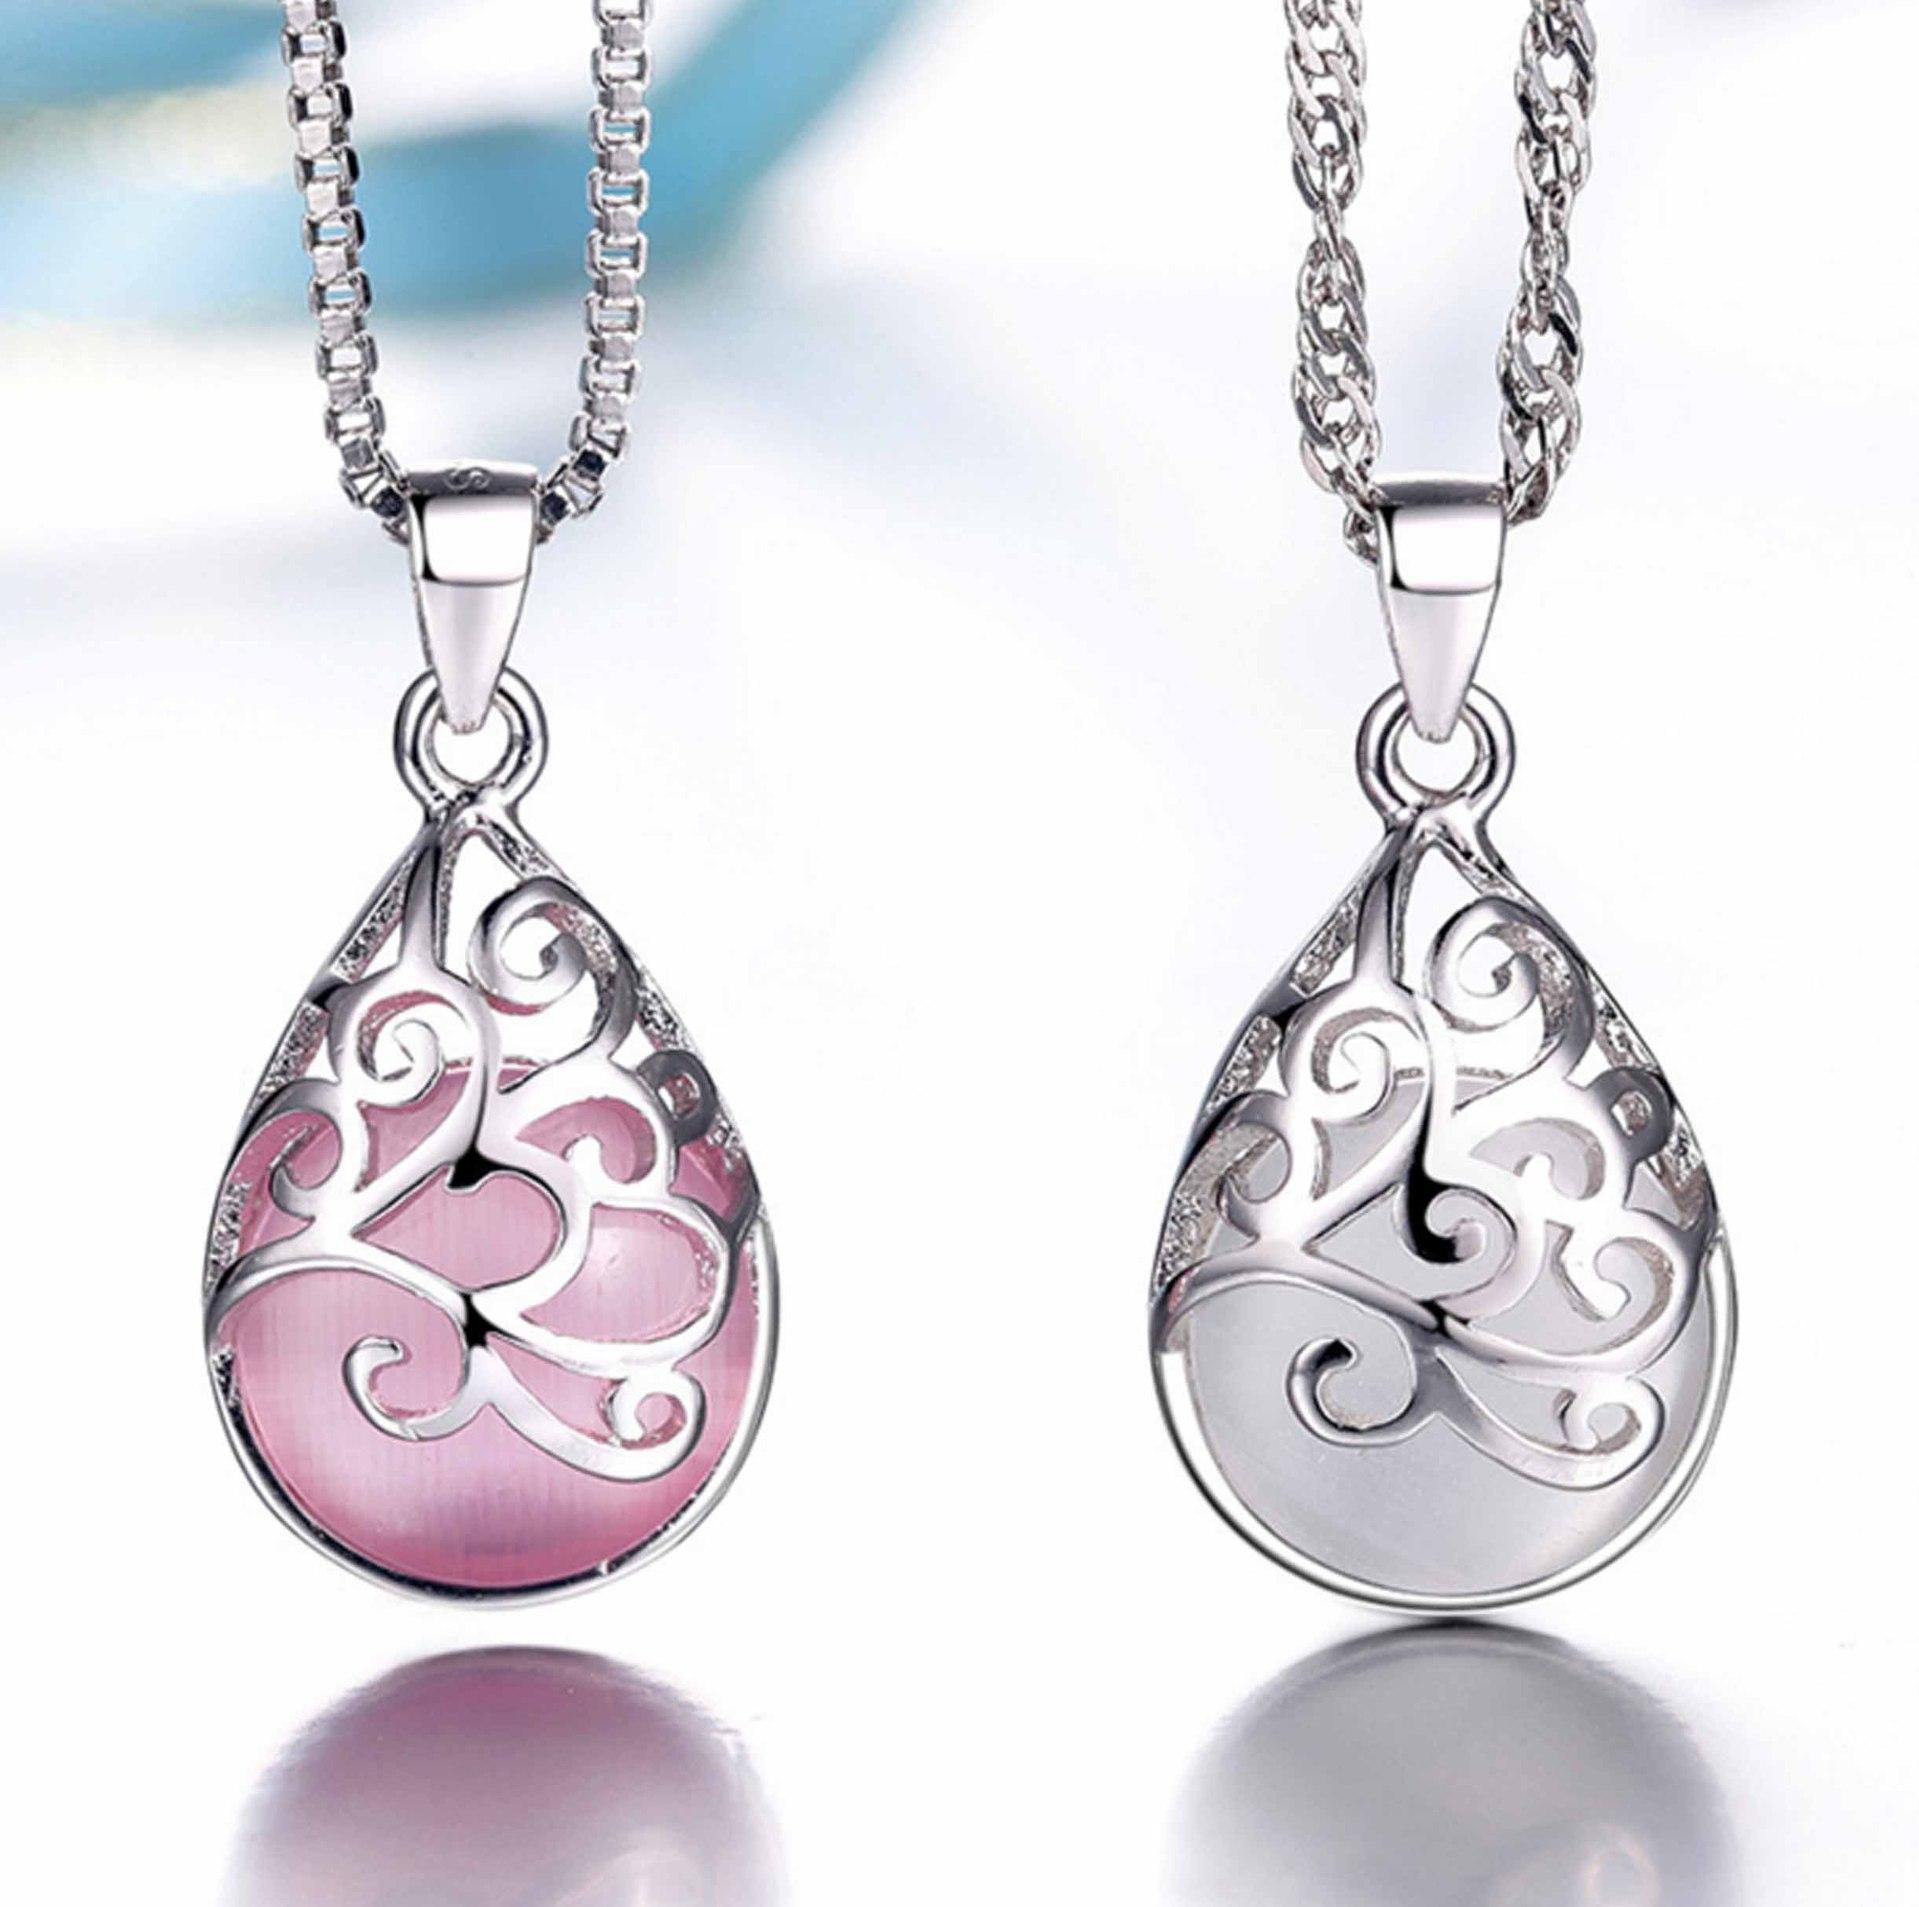 Opal Neckaces Aşk Açı Kadınlar Için Gözyaşı Mehtap Bırak Kolye Neckace Hediye Kutusu Zincir İmitasyon 925 Gümüş Kolye